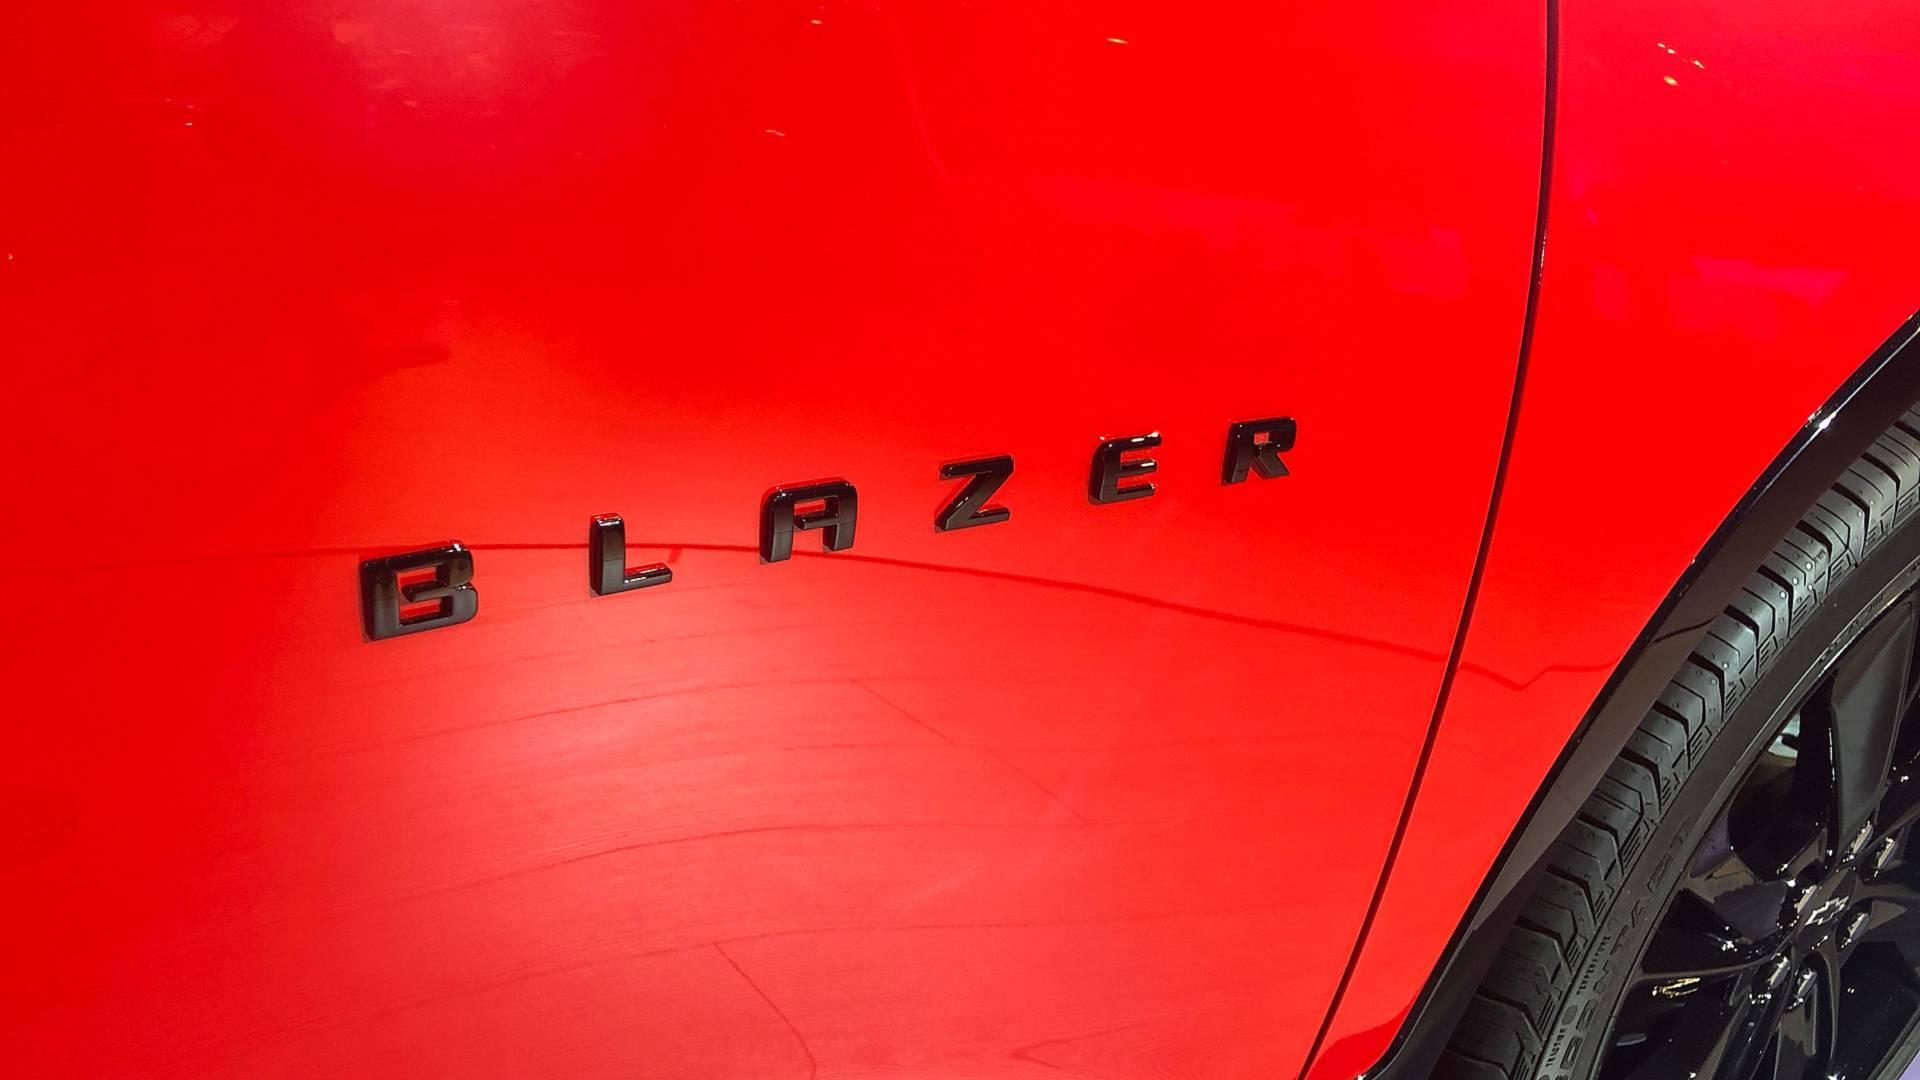 比CHR还俊的Blazer不入华?雪佛兰小型SUV来了,谍照比A级诱人